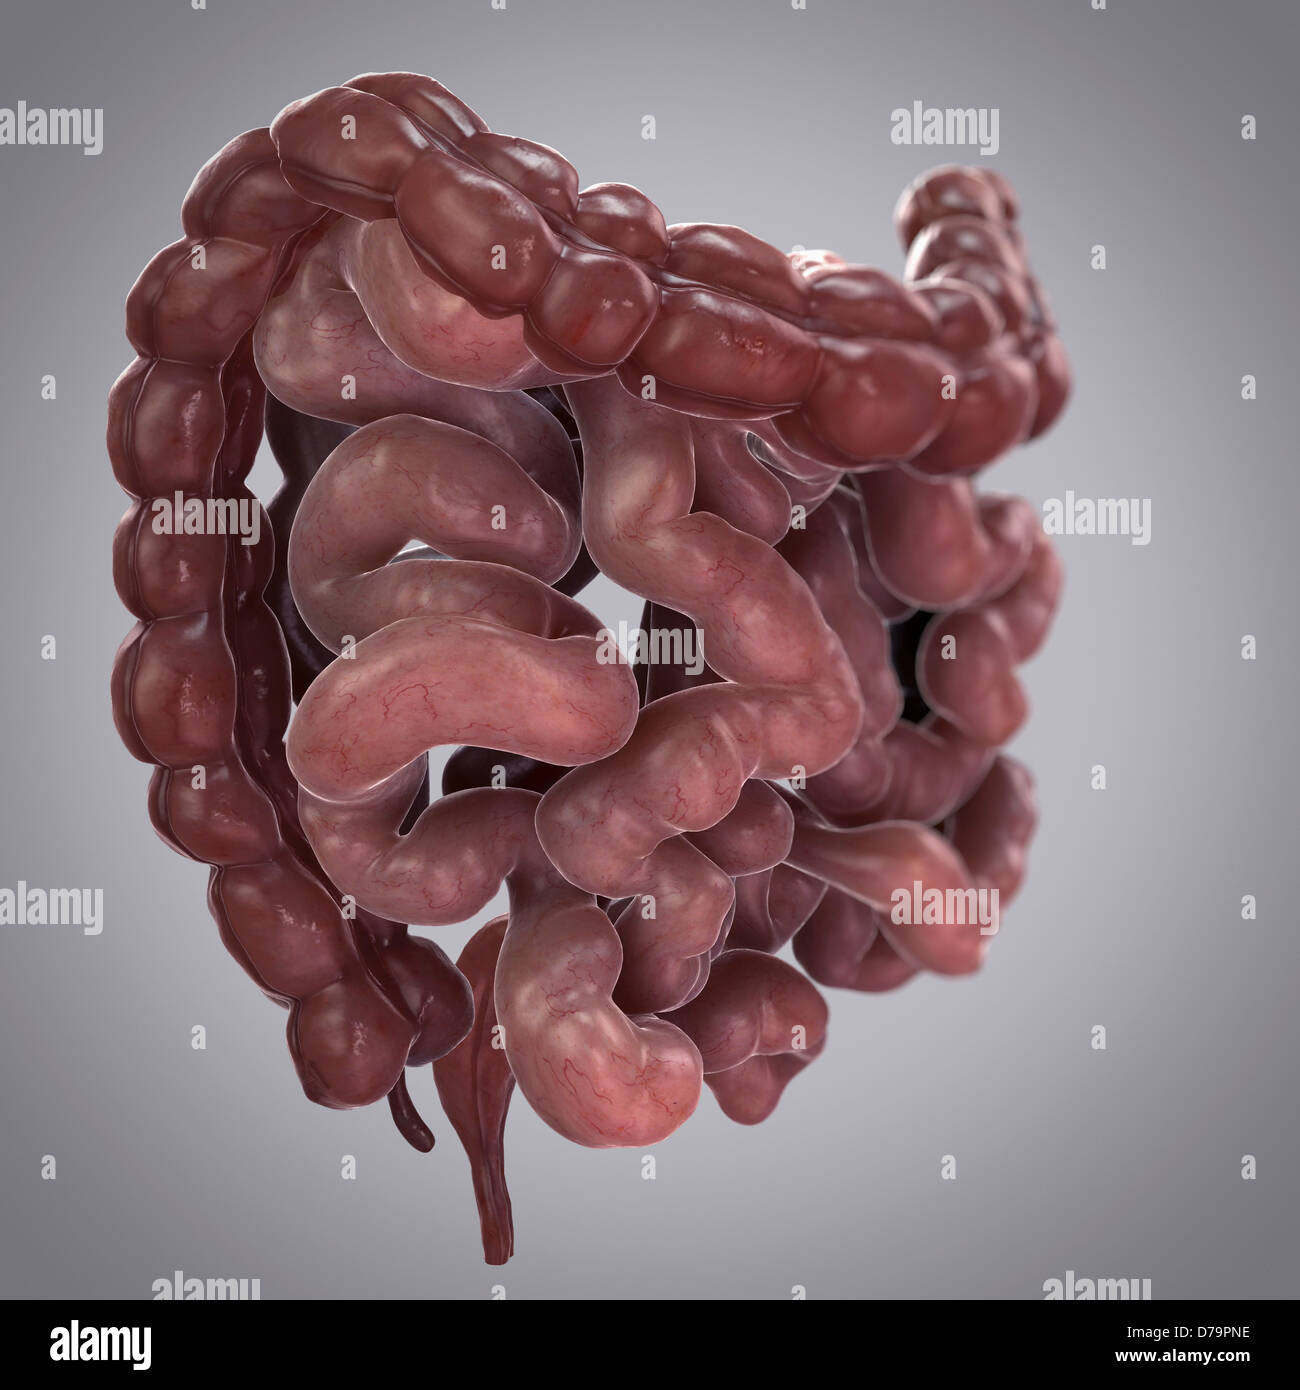 Intestinos de humanos Foto, Imagem de Stock: 56149114 - Alamy